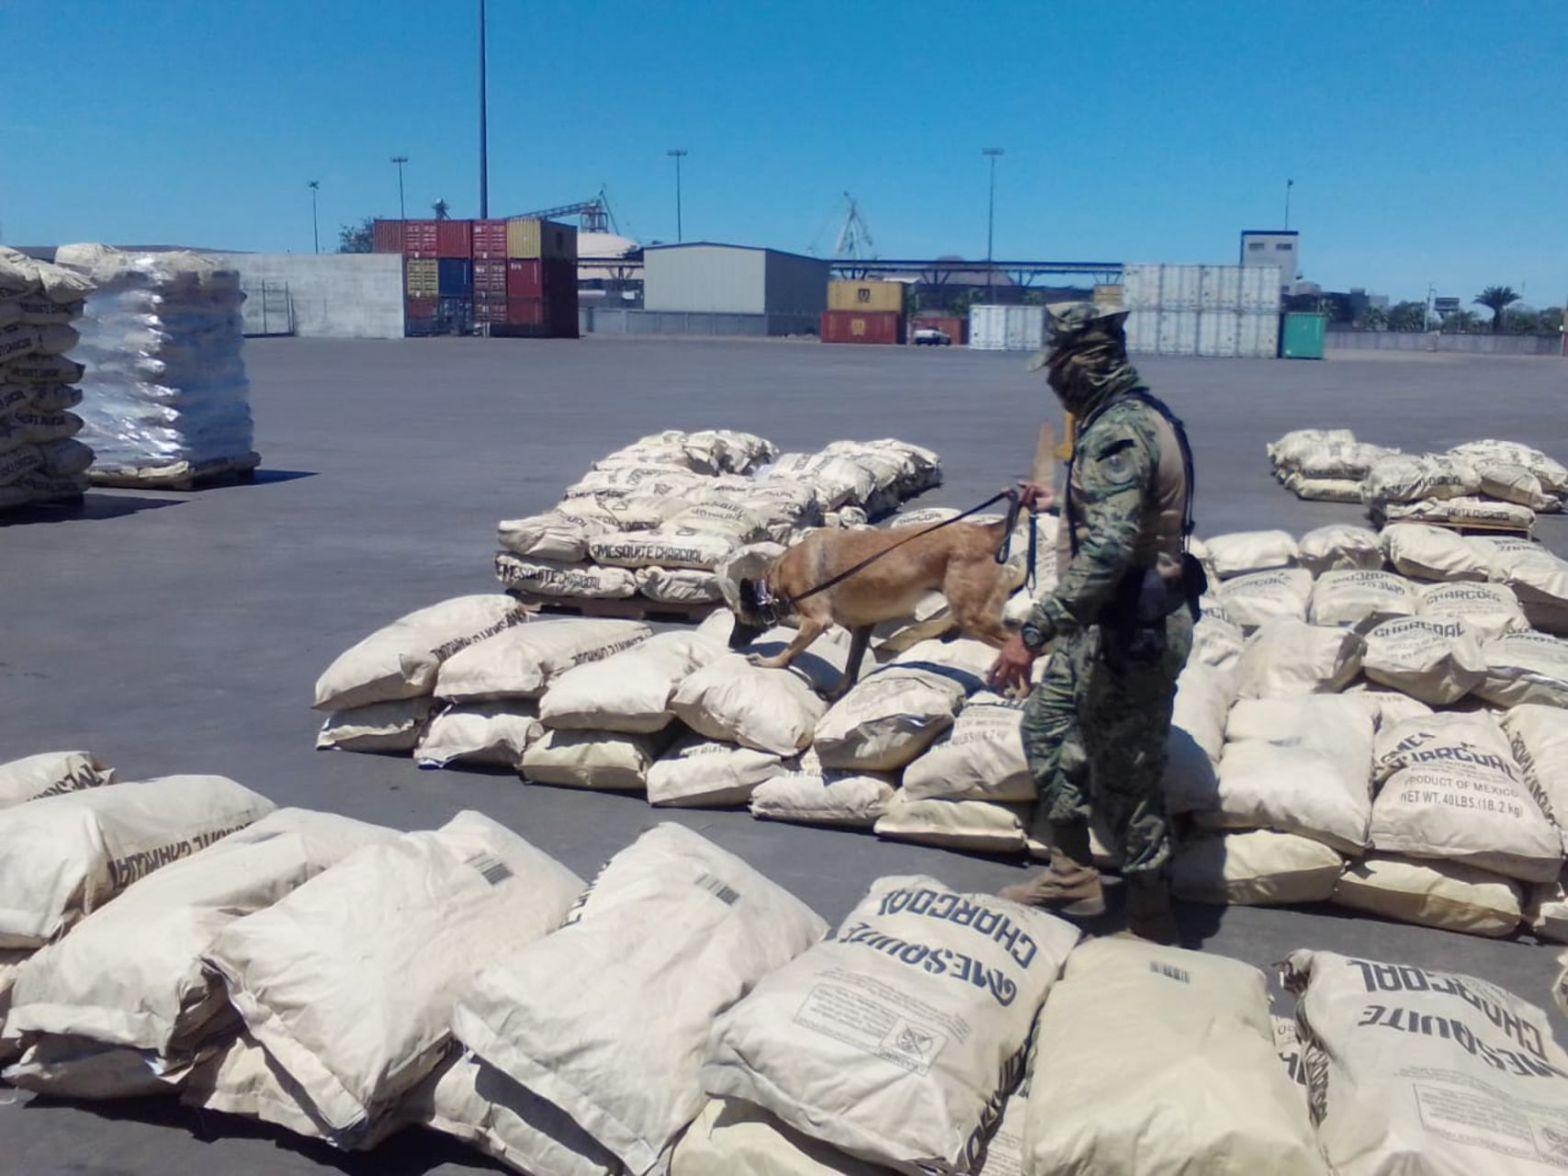 Marina asegura 2 toneladas de metanfetamina en Baja California